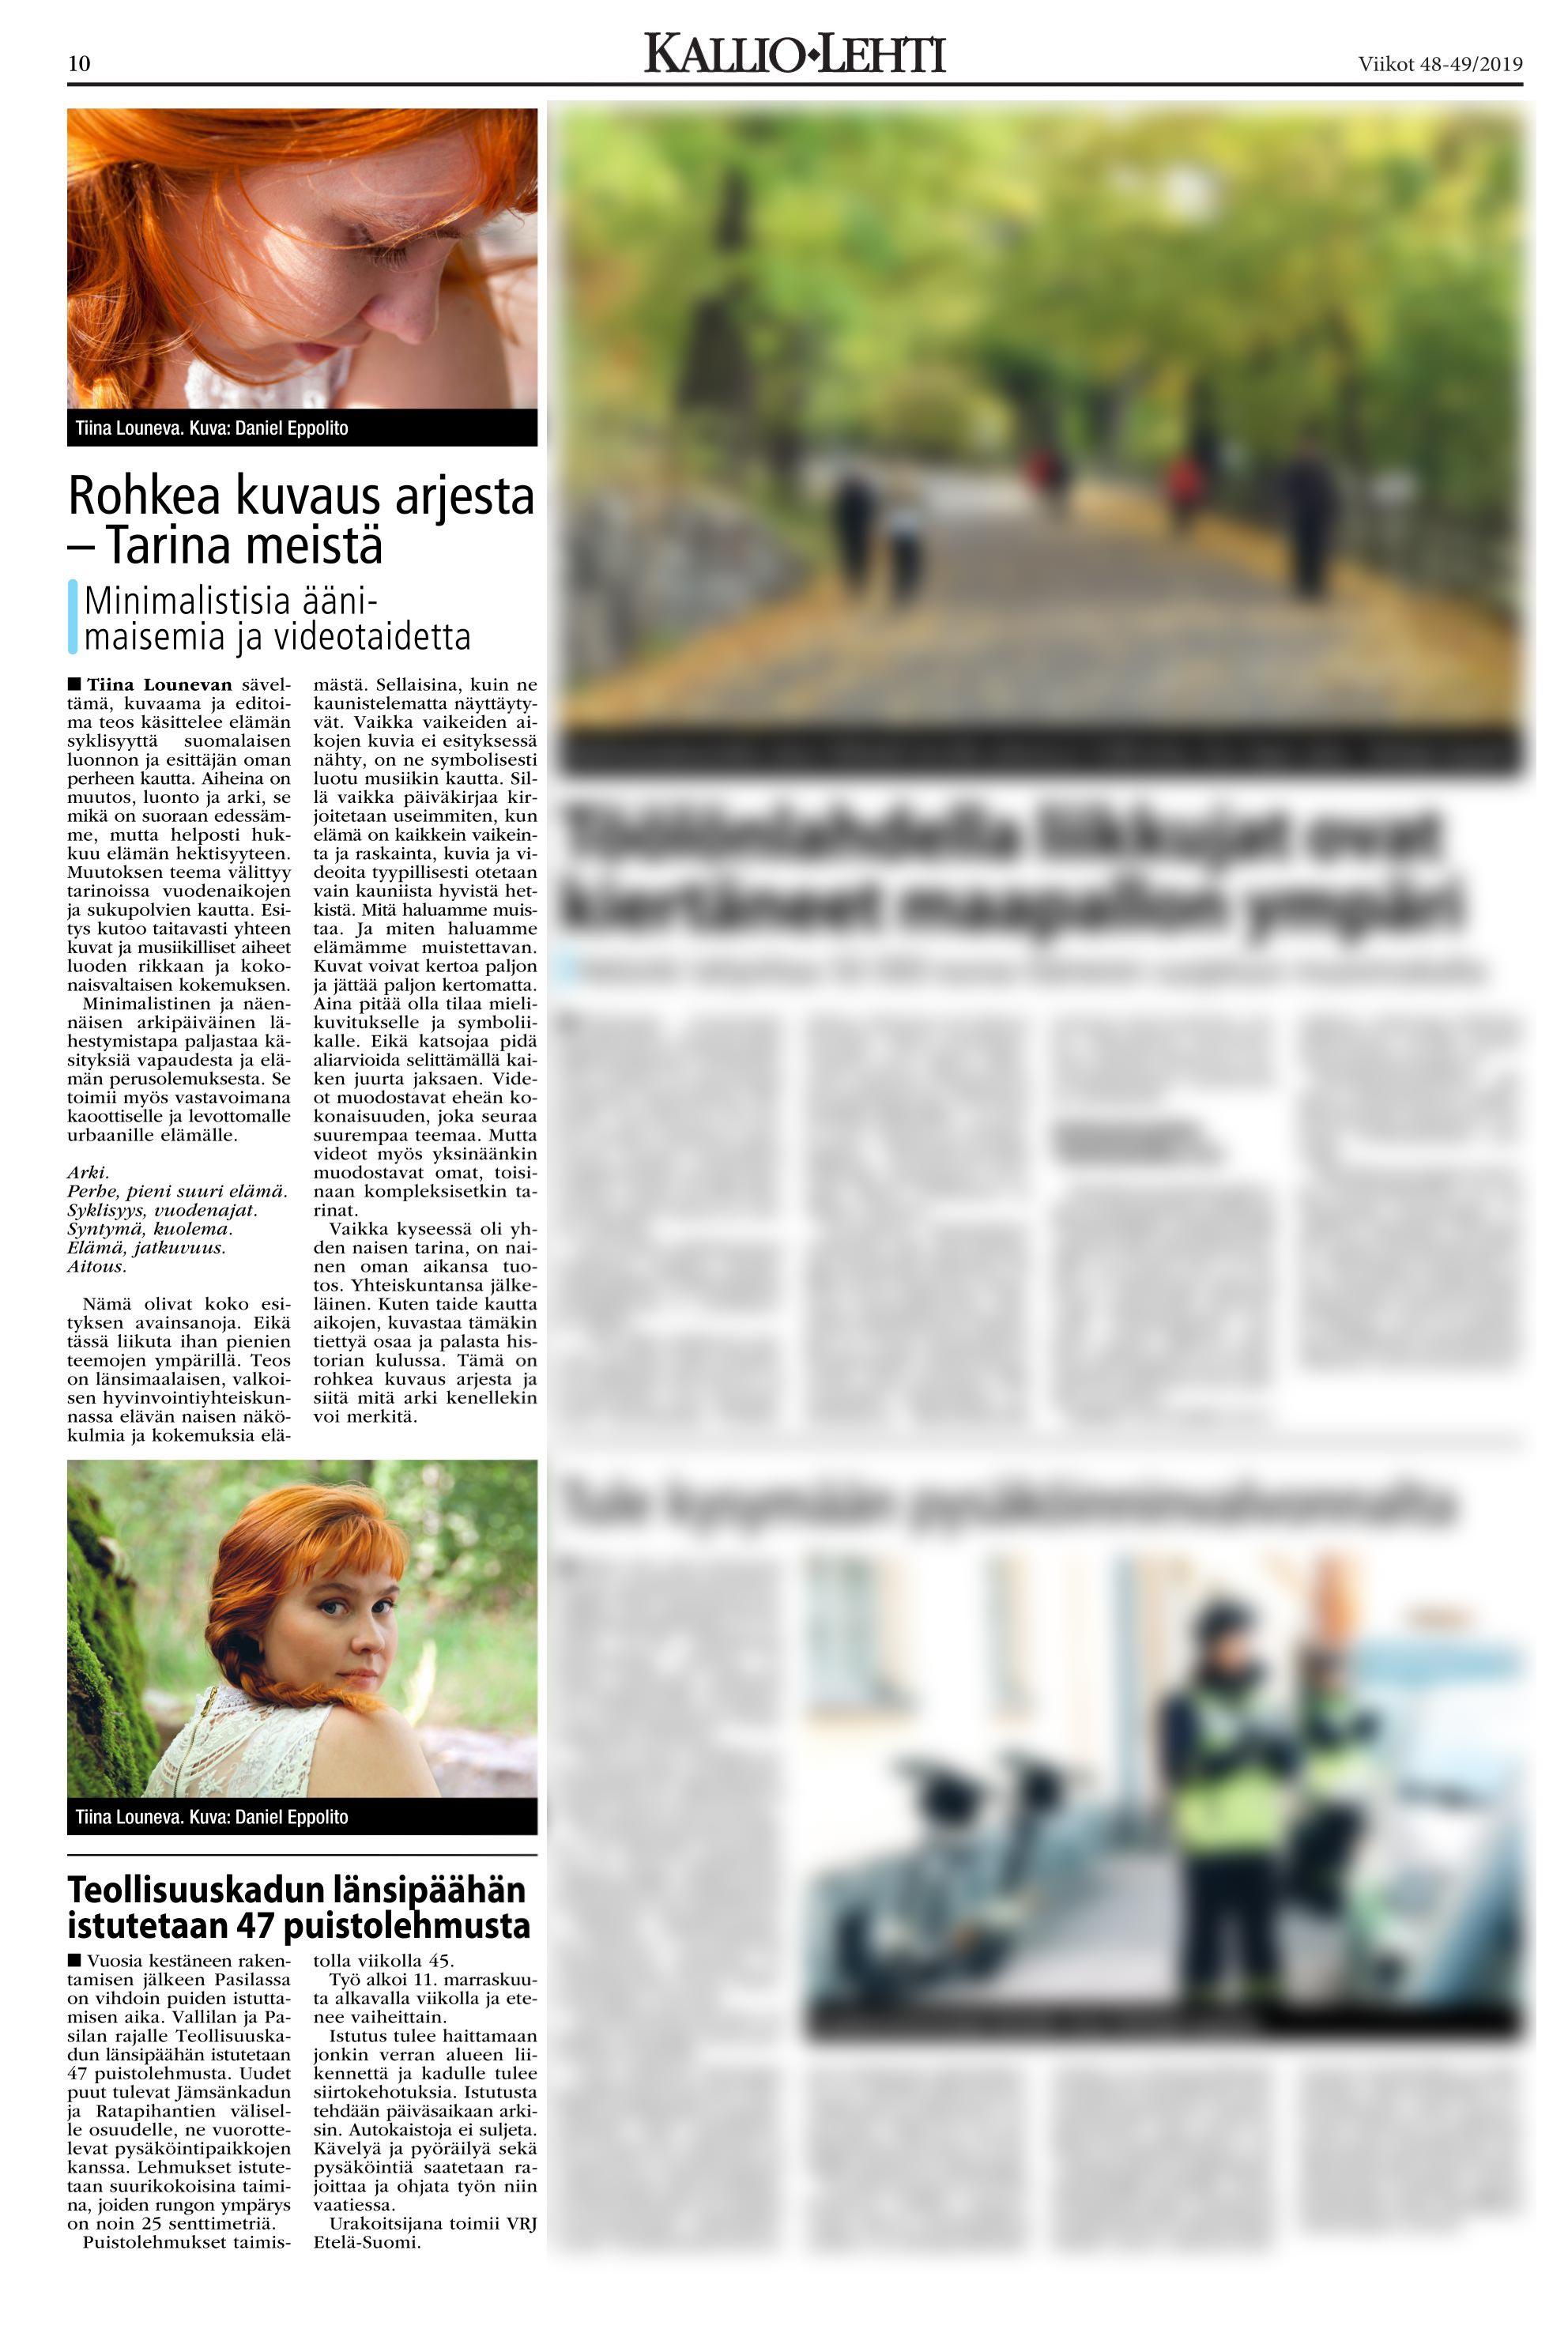 Tarina meistä lehtiartikkeli Kallio-lehti